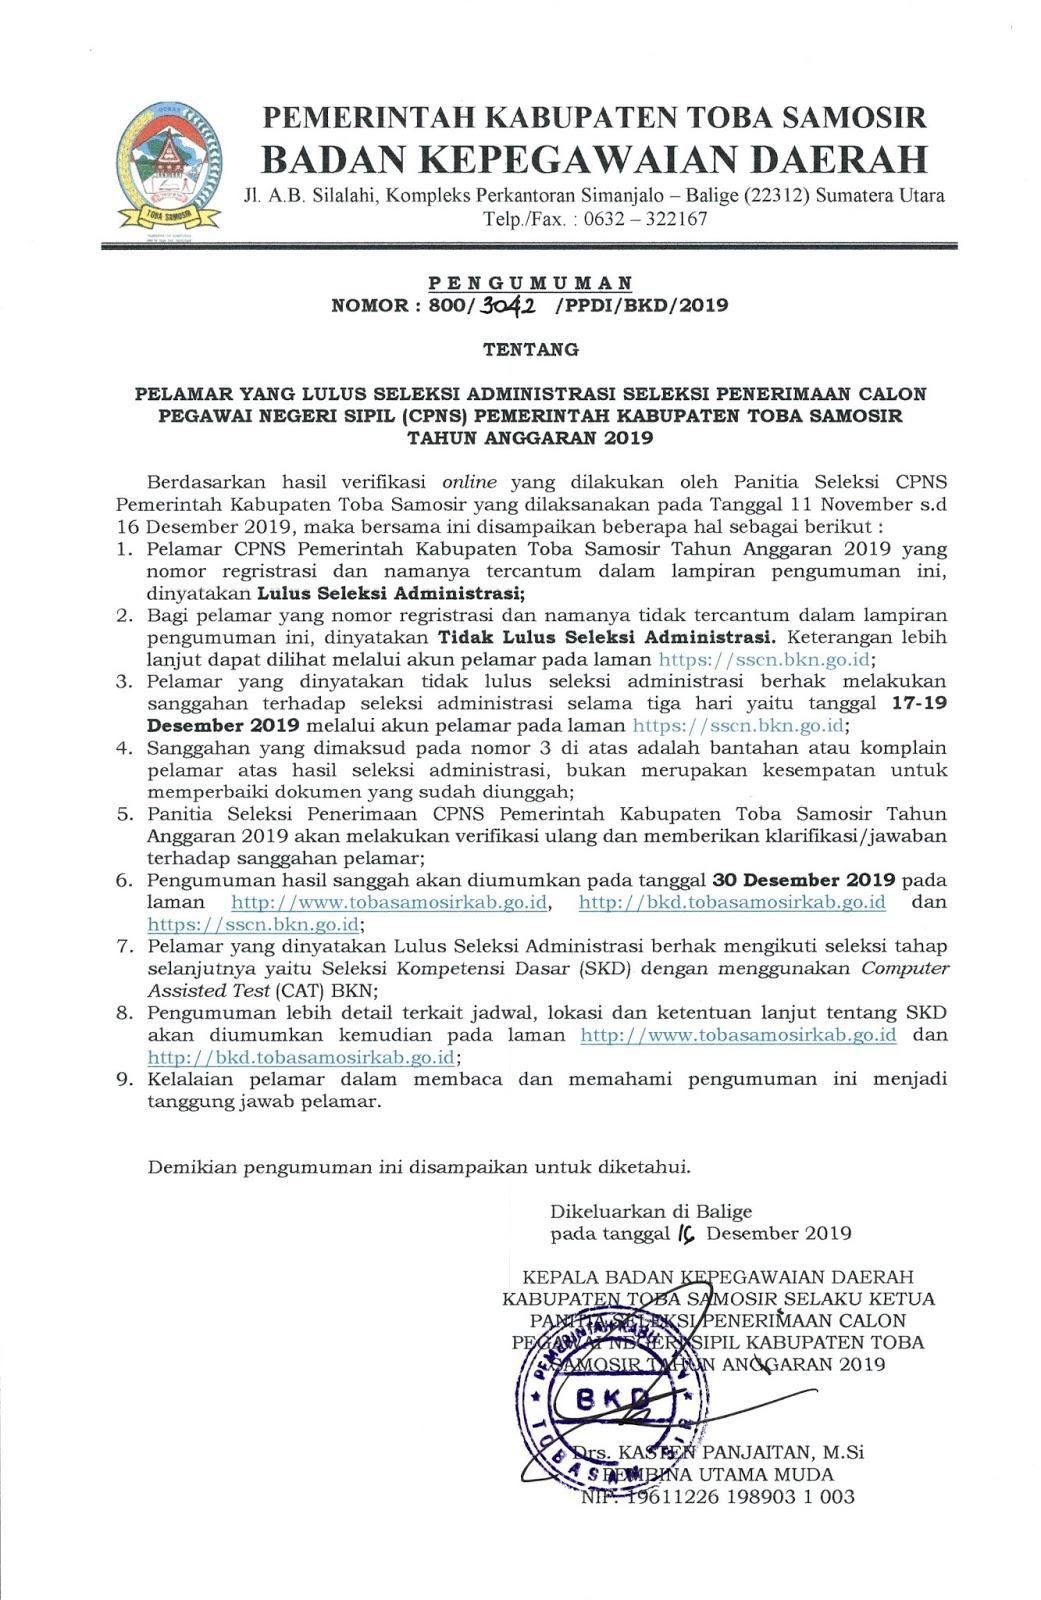 Hasil Verifikasi Online Seleksi CPNS Pemerintah Kabupaten Toba Samosir Tahun 2019